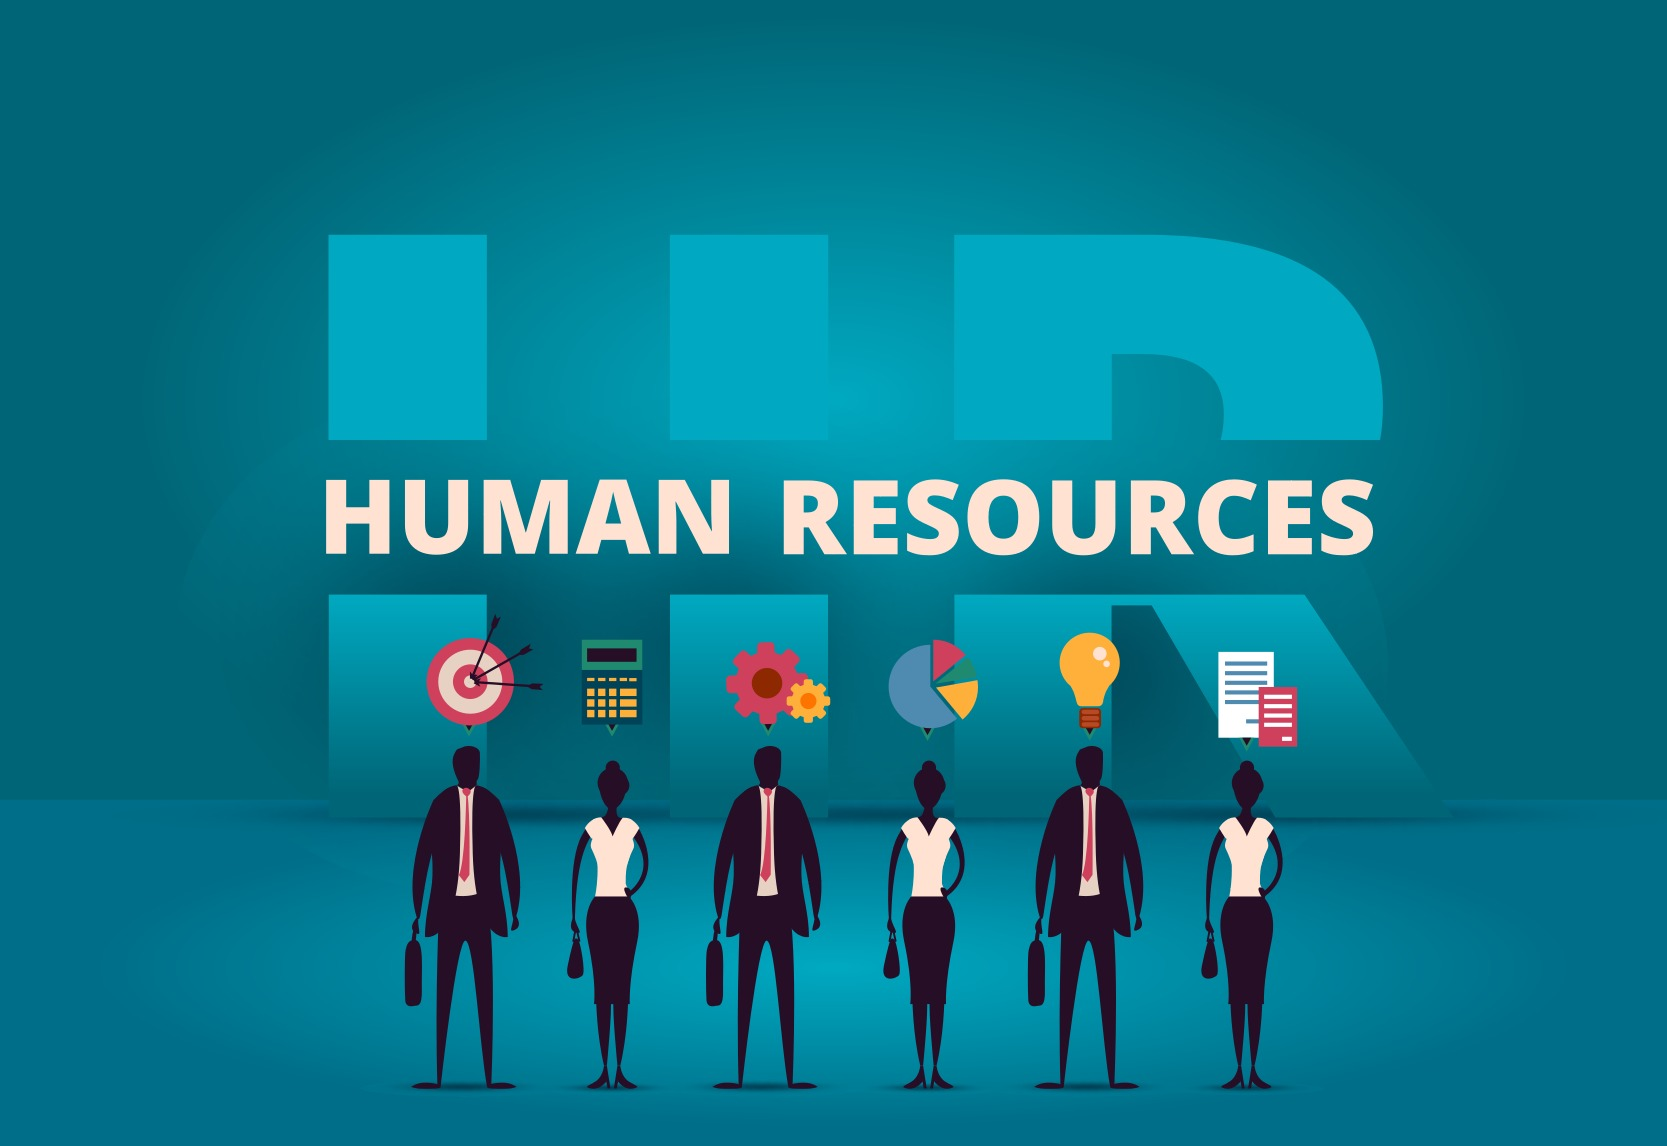 Zgodnie z raportem Work Service, niemal połowa pracodawców (49,7 proc.) deklaruje, że ma problem ze znalezieniem odpowiednich pracowników. (Fot. Shutterstock)